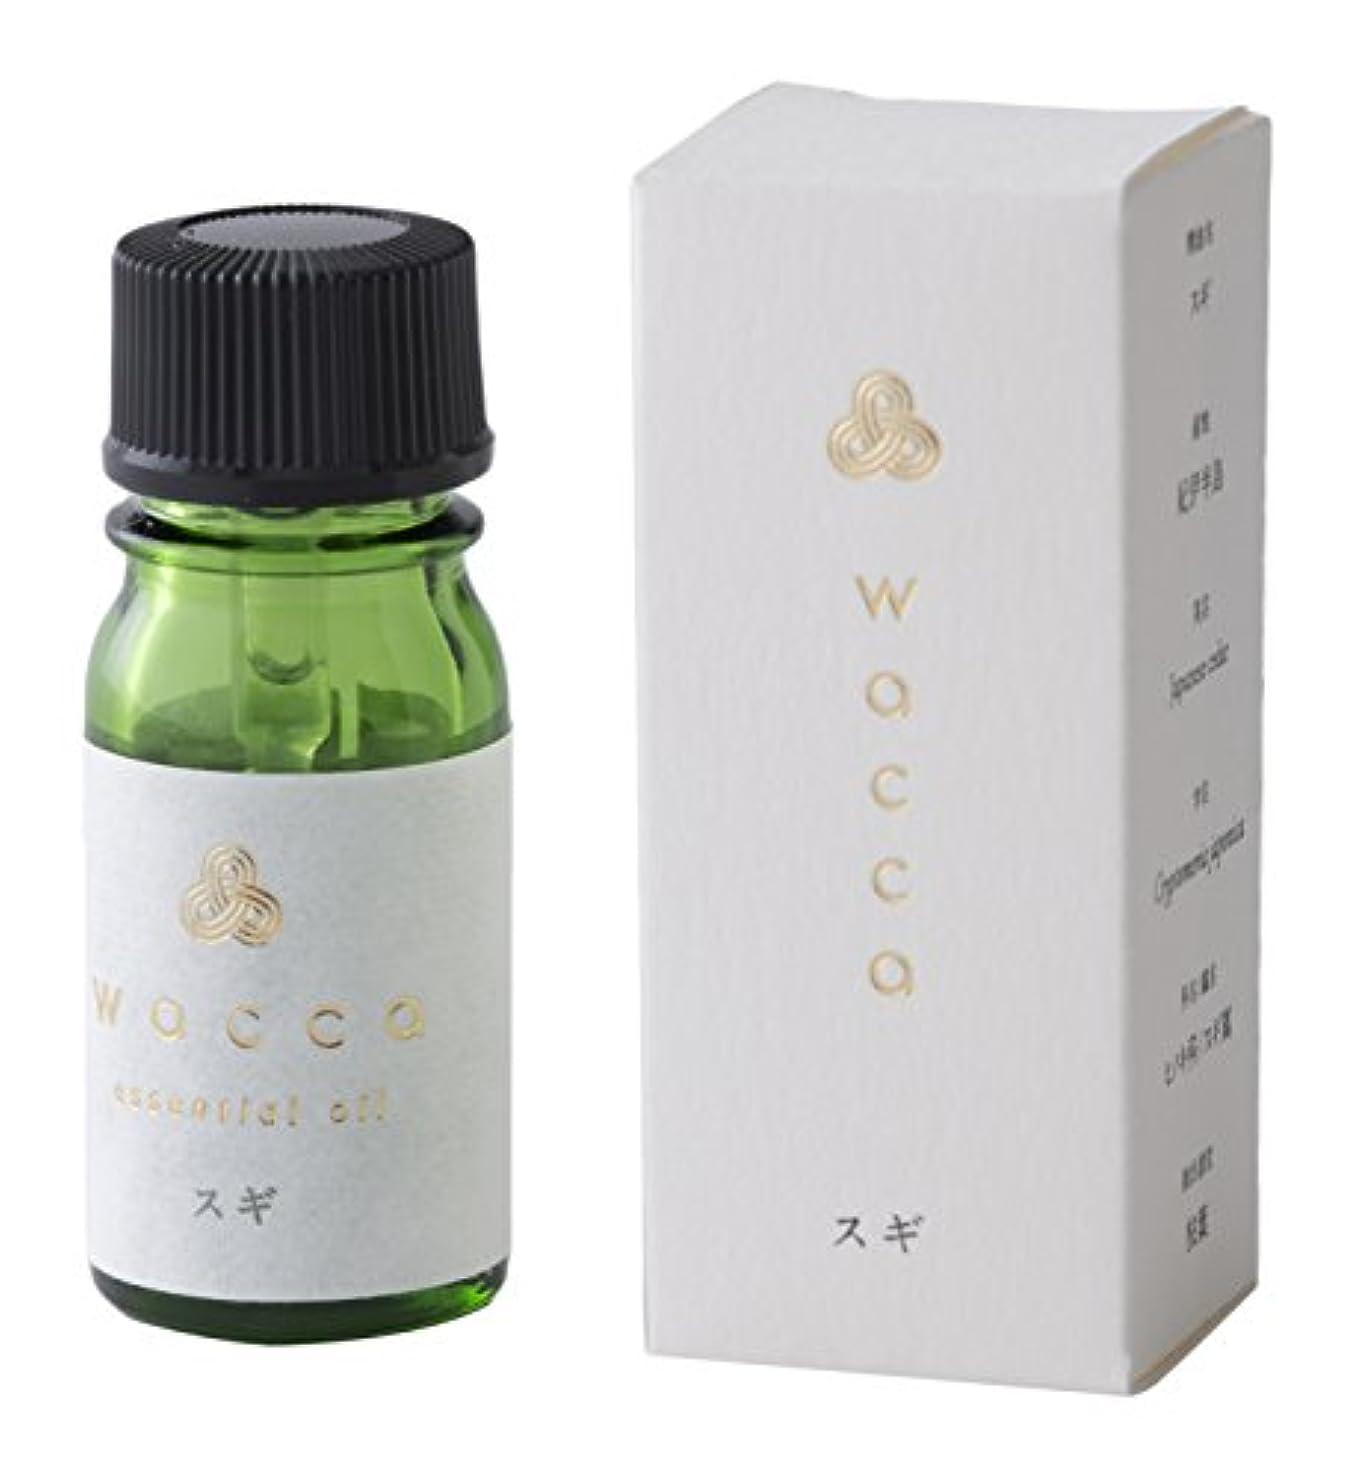 ローブ断片到着wacca ワッカ エッセンシャルオイル 5ml 杉 スギ Japanese cedar essential oil 和精油 KUSU HANDMADE